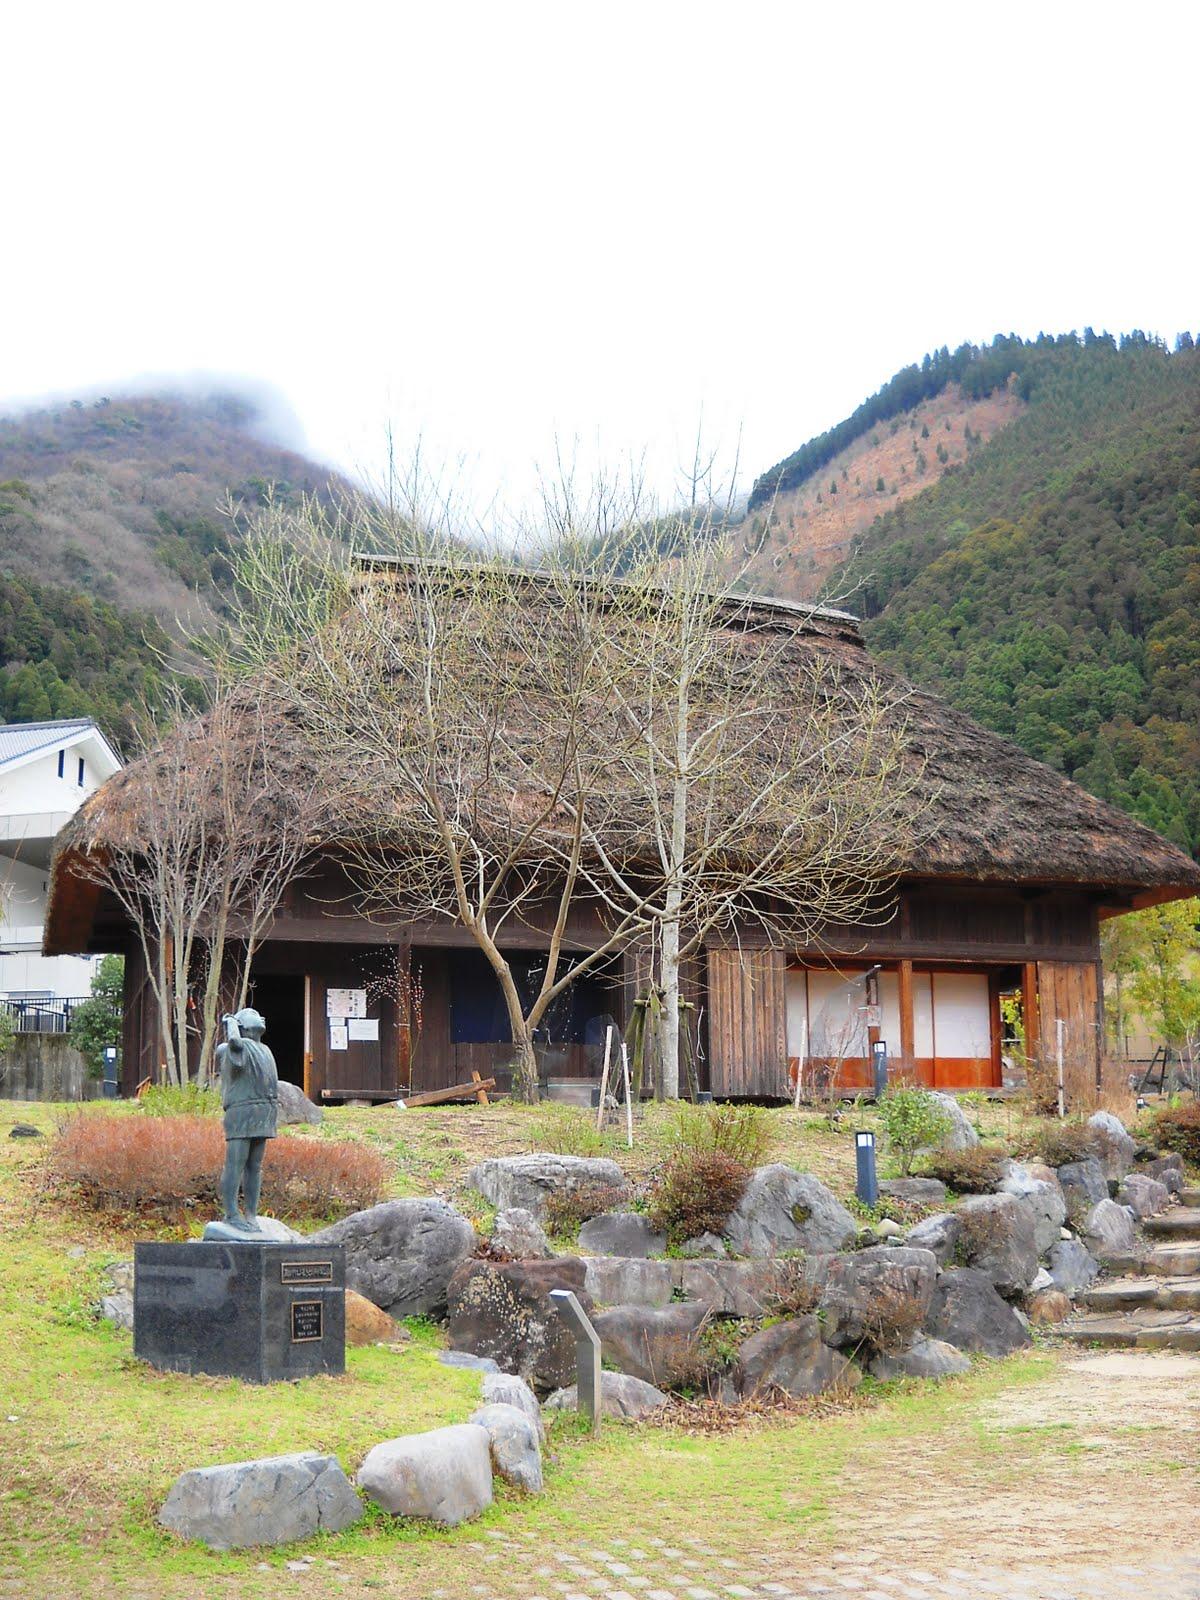 五木村観光協会 事務局Blog: 茅葺き民家で琴の演奏会